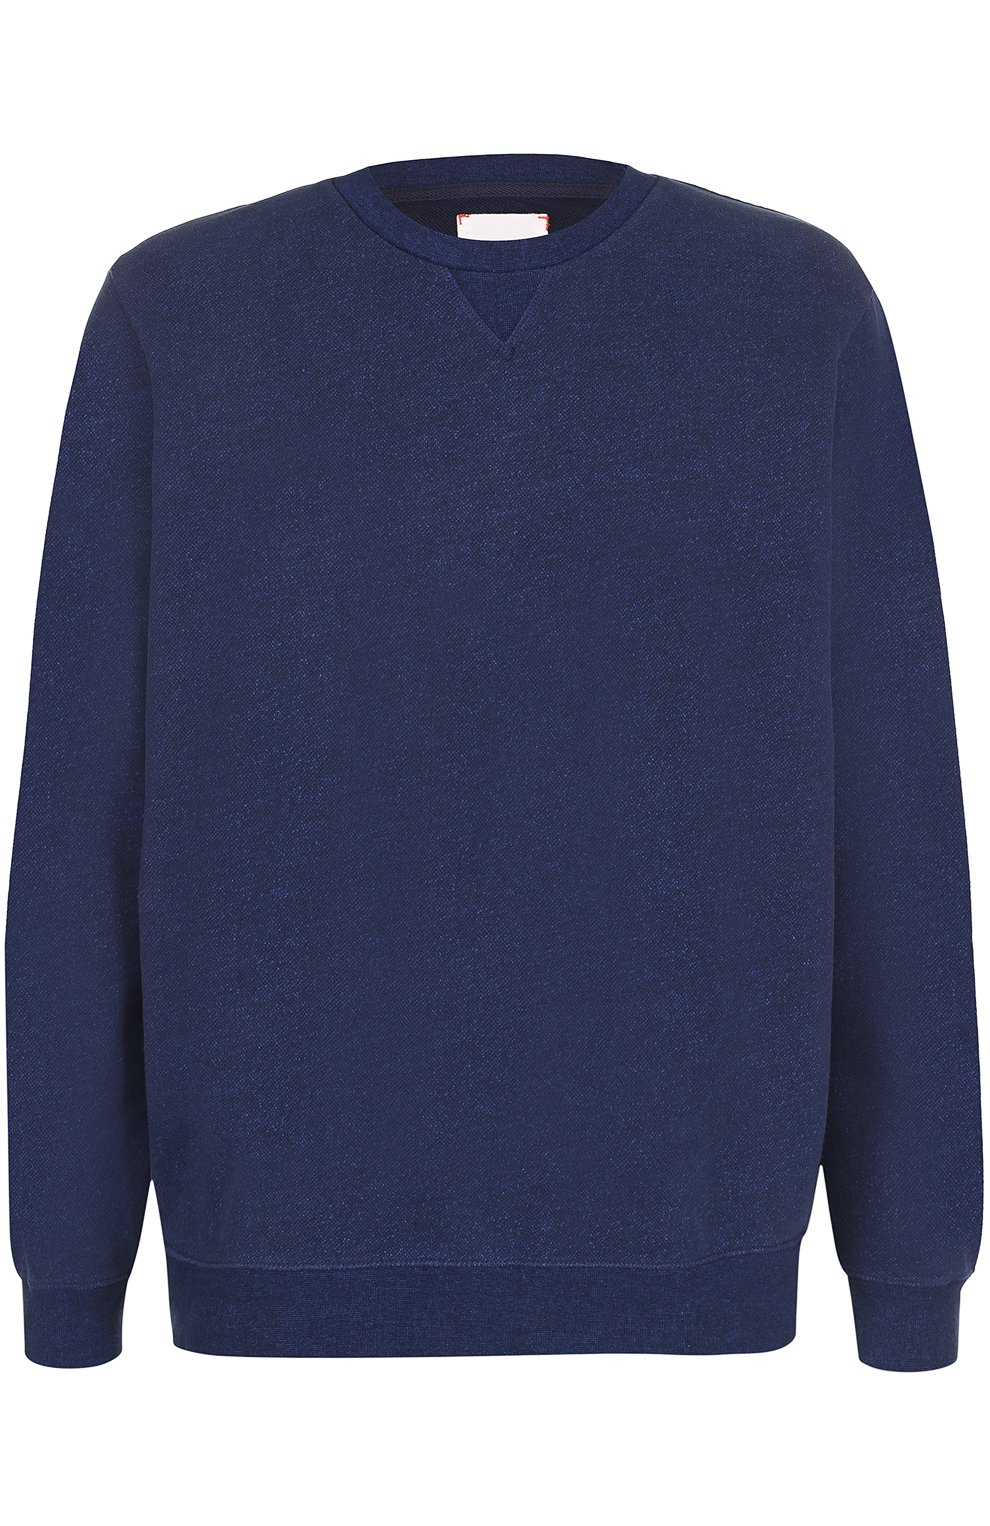 Мужской хлопковый свитшот свободного кроя DEREK ROSE темно-синего цвета, арт. 9000-DEV0001 | Фото 1 (Рукава: Длинные; Принт: Без принта; Длина (для топов): Стандартные; Мужское Кросс-КТ: свитшот-одежда; Материал внешний: Хлопок)